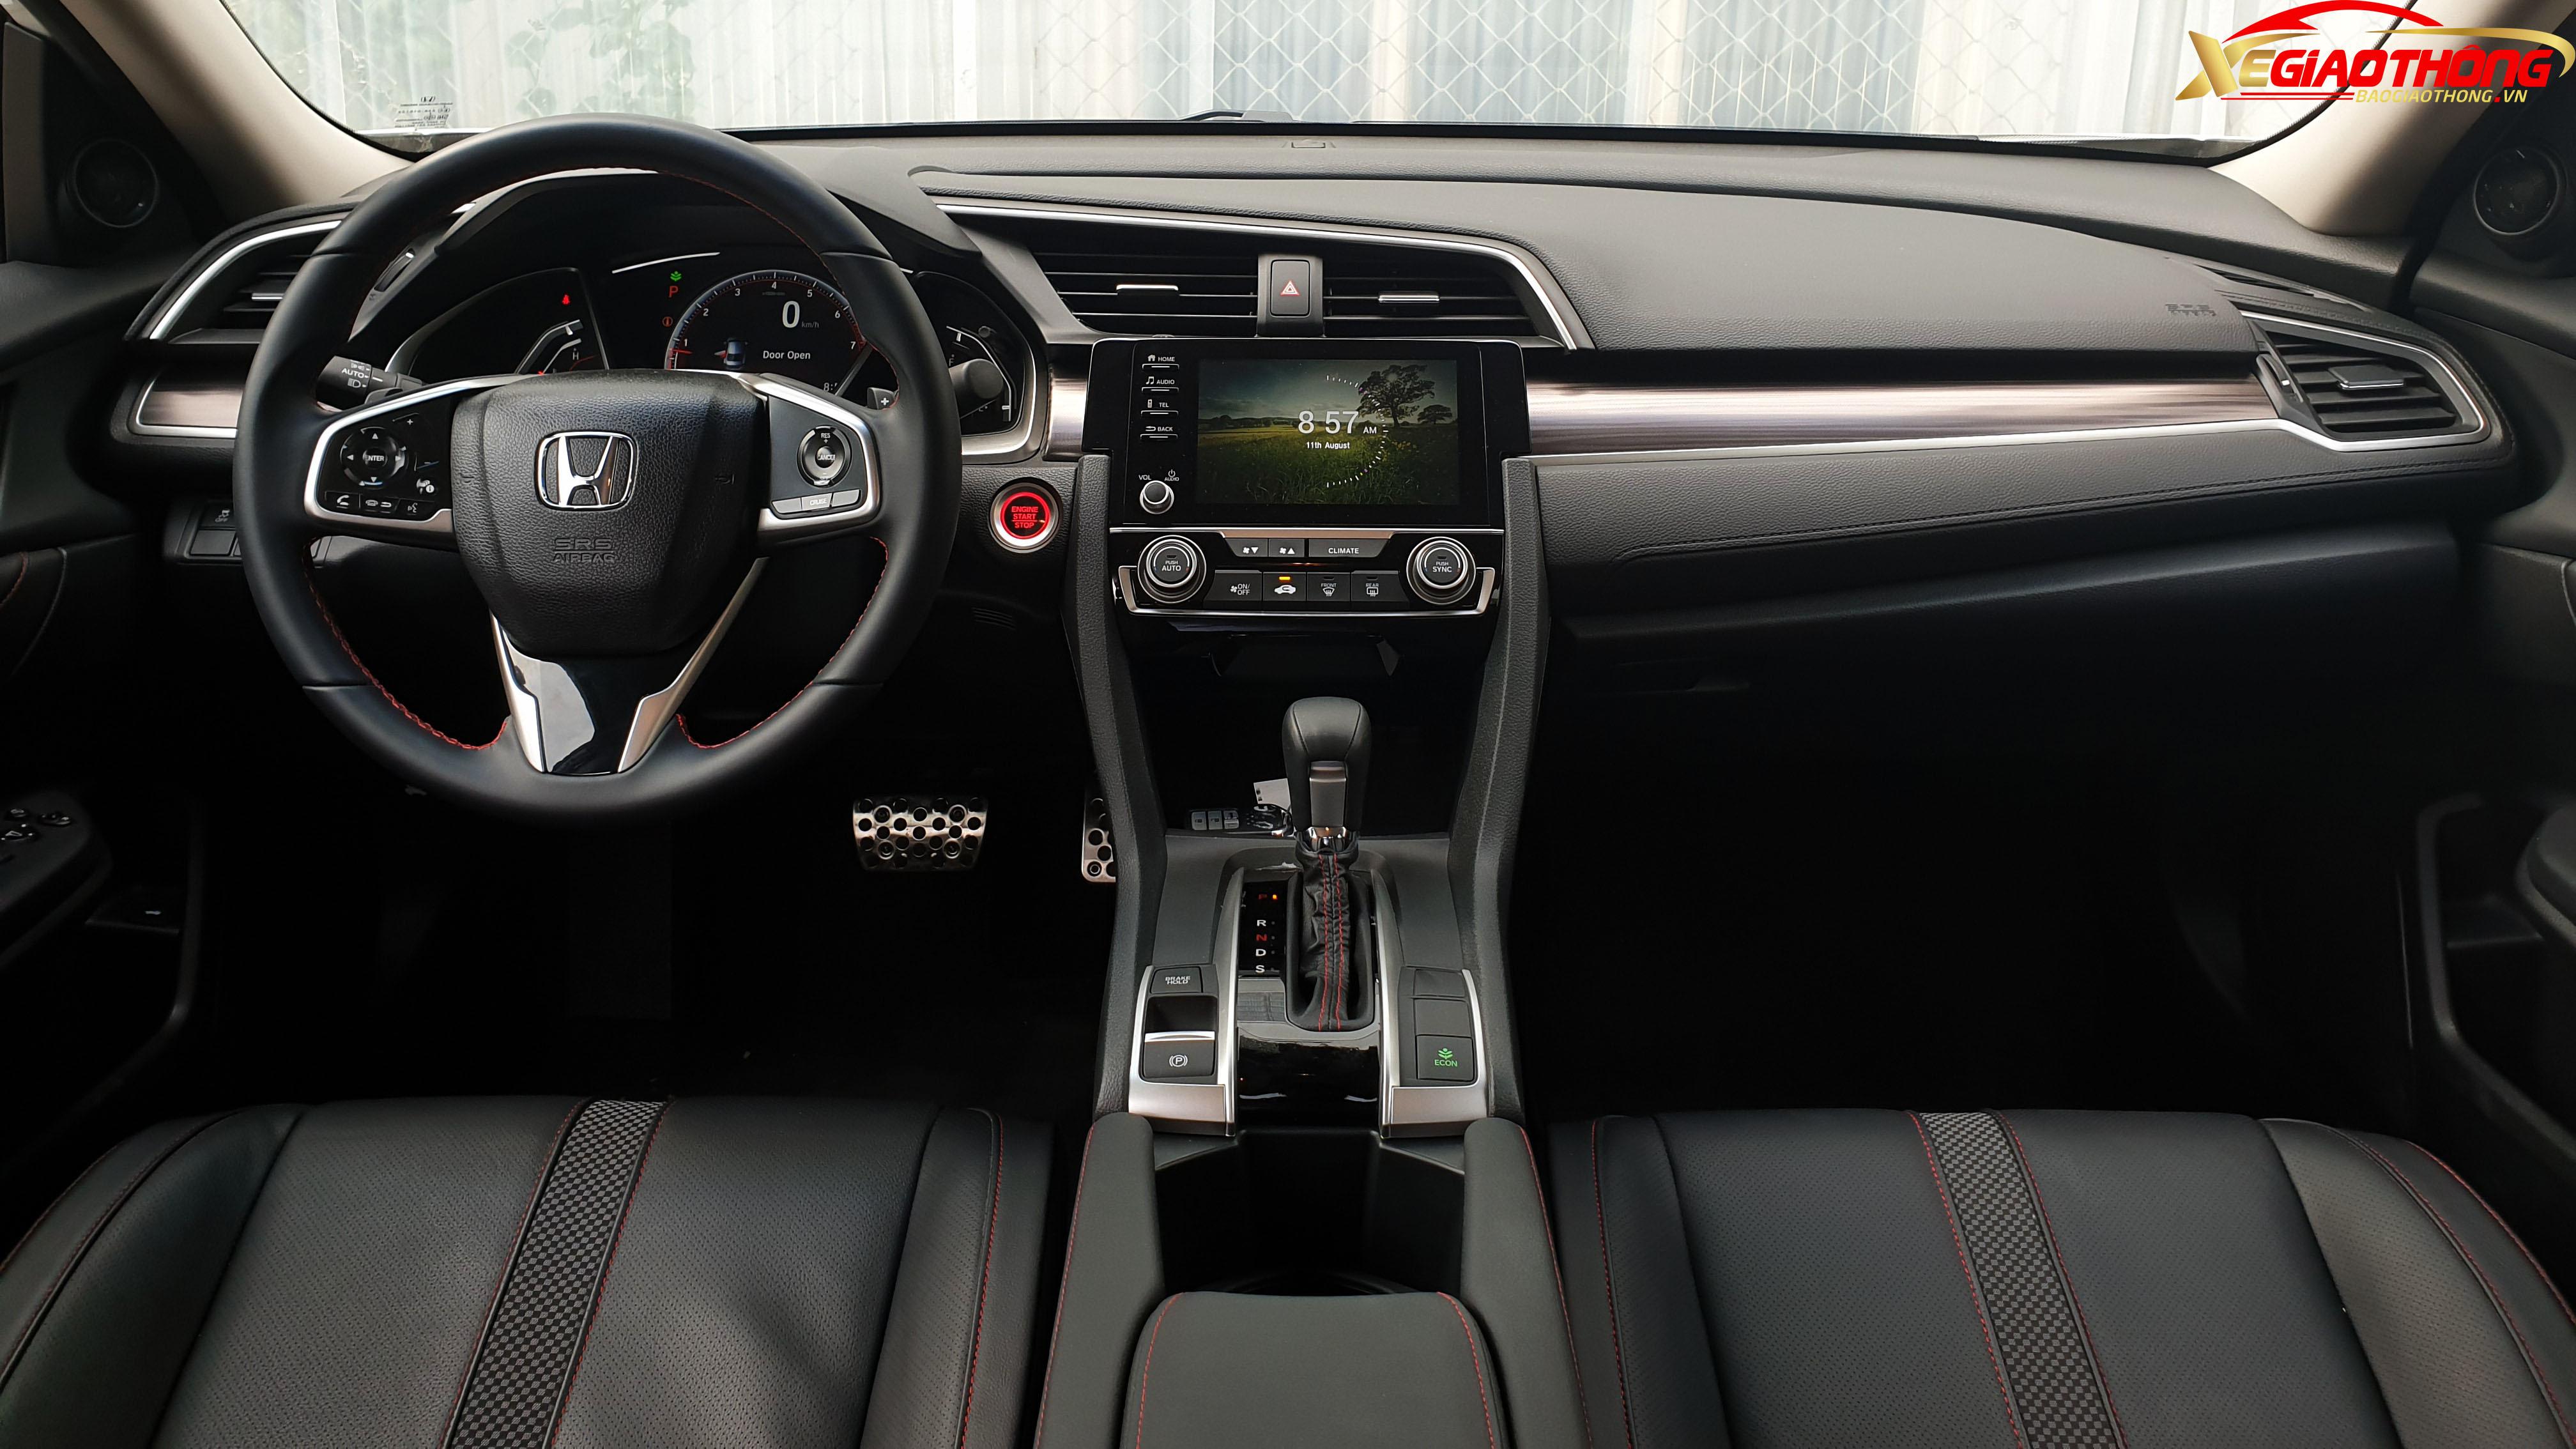 Bên trong khoang nội thất, đúng chất là một mẫu xe hướng tới phong cách thể thao, ghế trước Honda Civic RS 2019 thiết kế ôm lấy người ngồi nhưng vẫn rất thoải mái, không bị vướng. Các ghế trên xe được bọc da đi kèm những đường chỉ đỏ nổi bật trên nền đen, tăng tính thể thao.